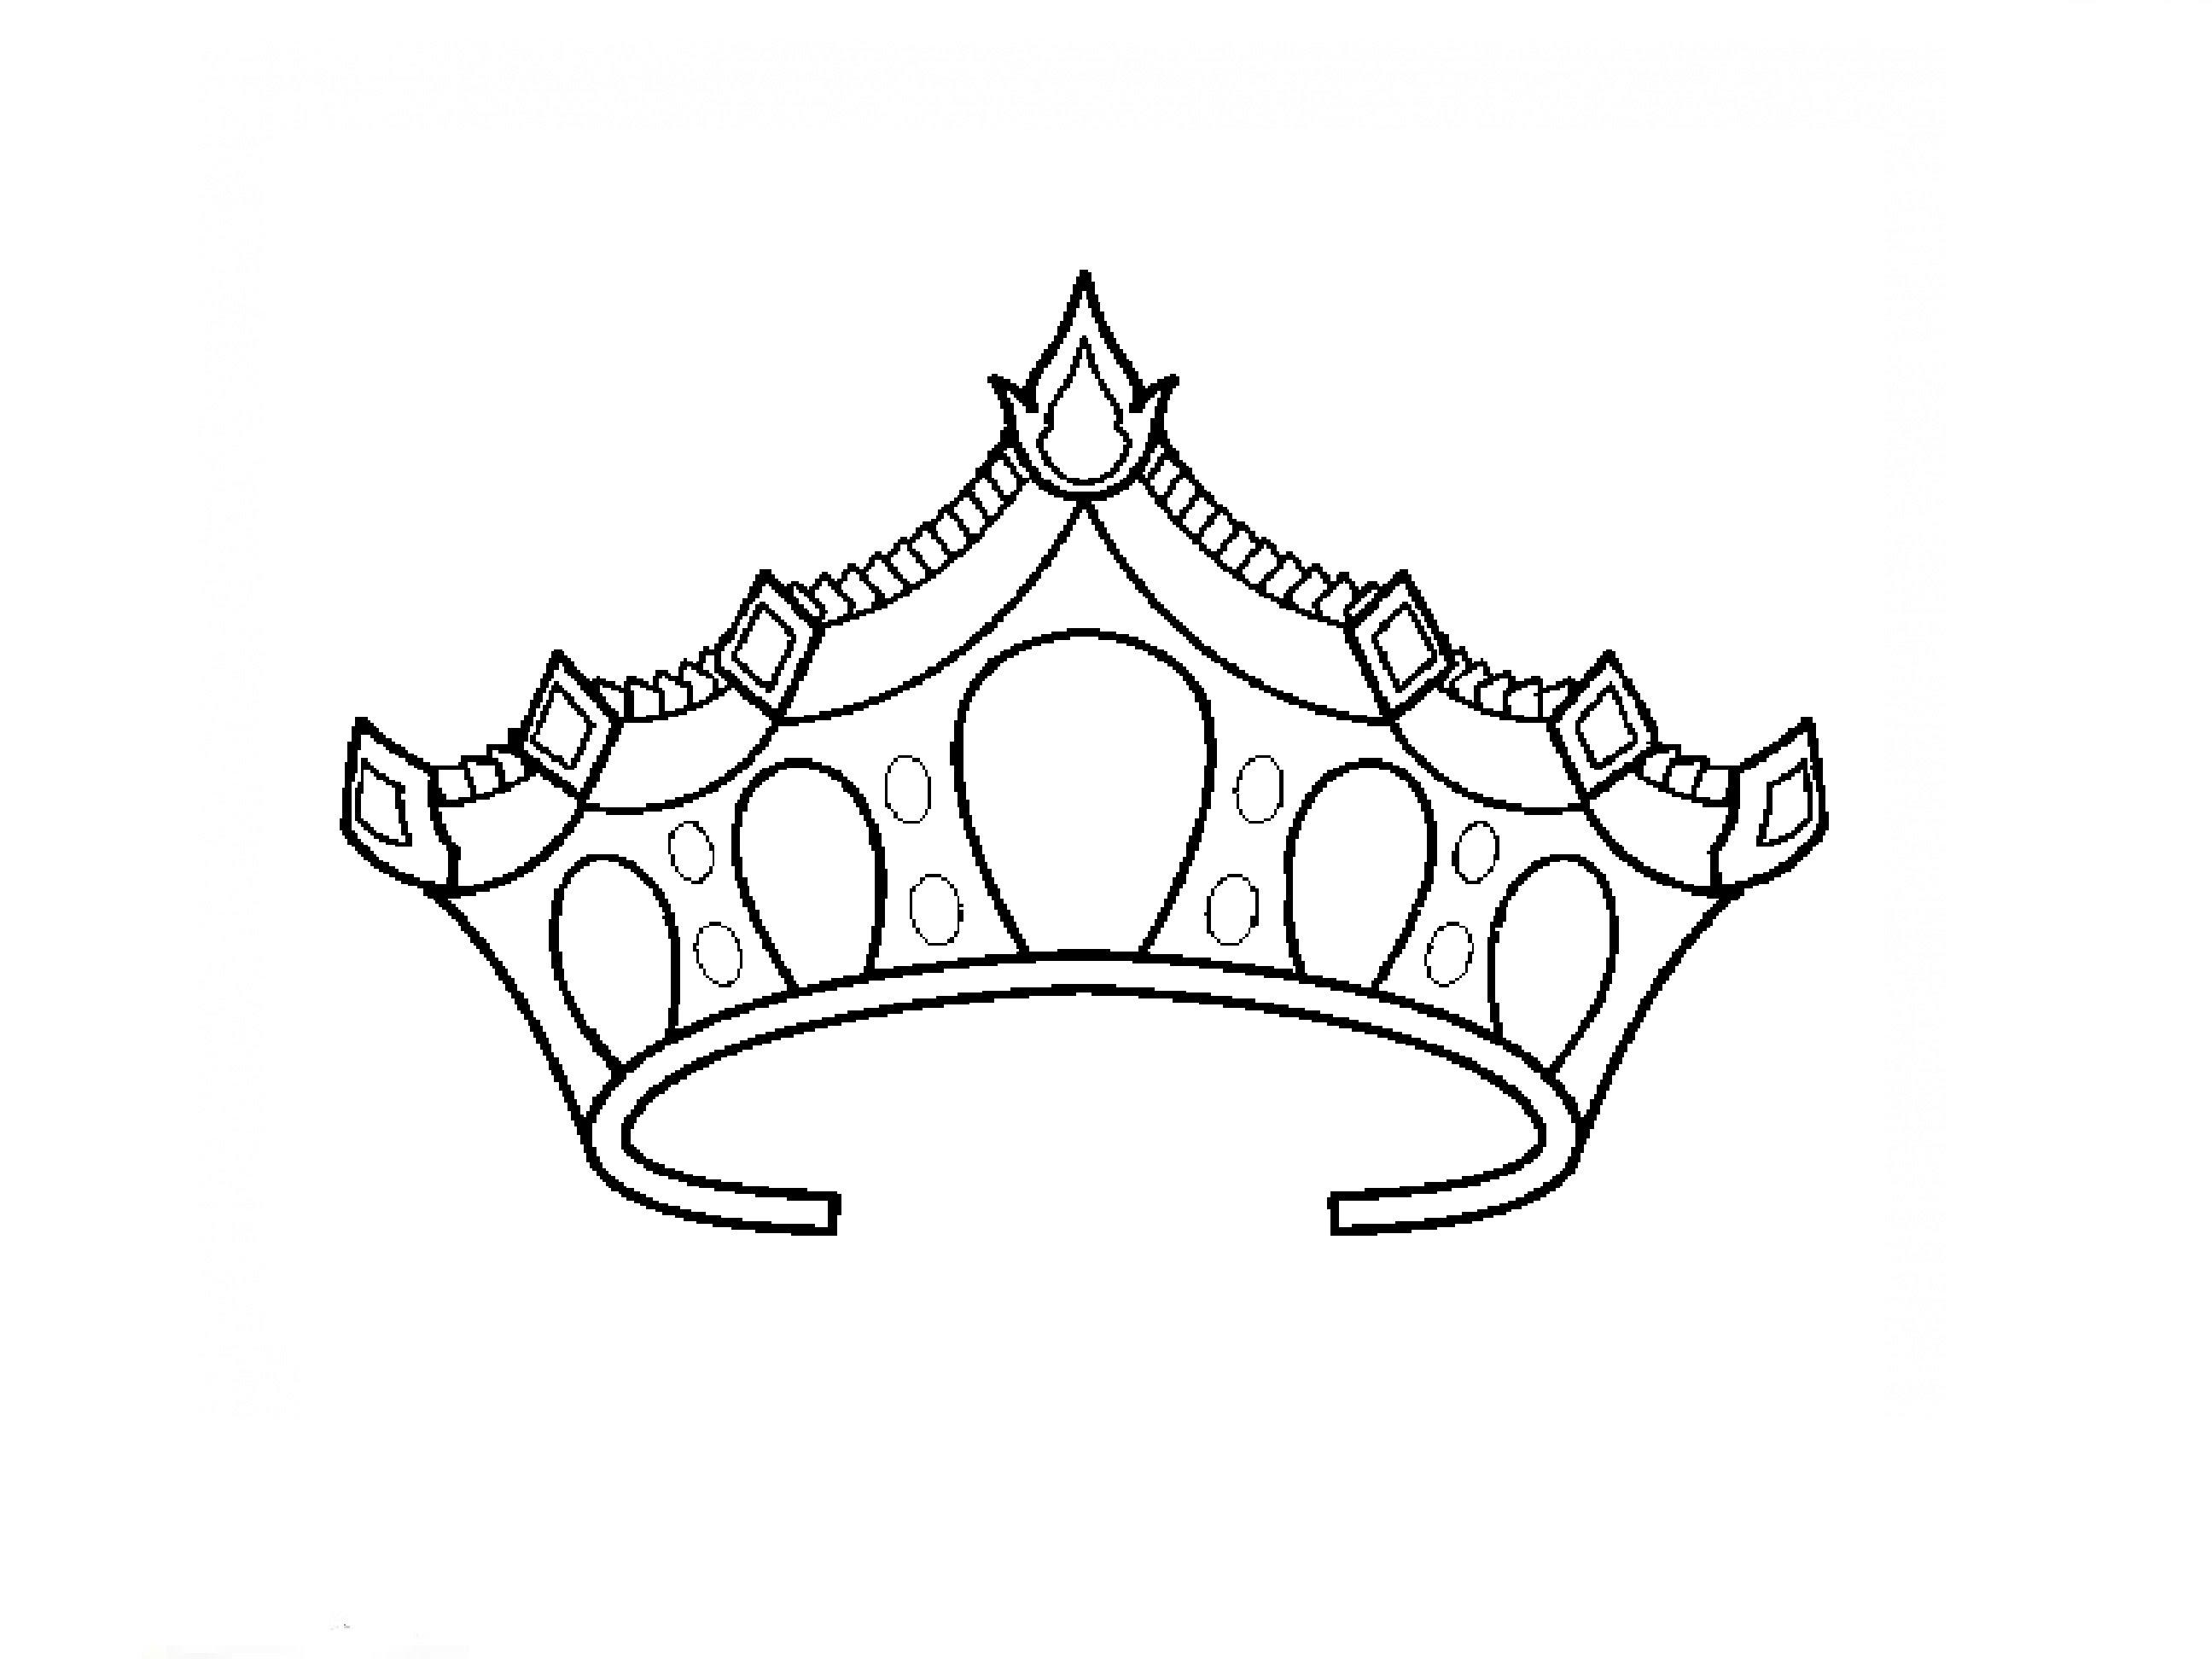 Drawn princess princess crown To to Princess корону нарисовать